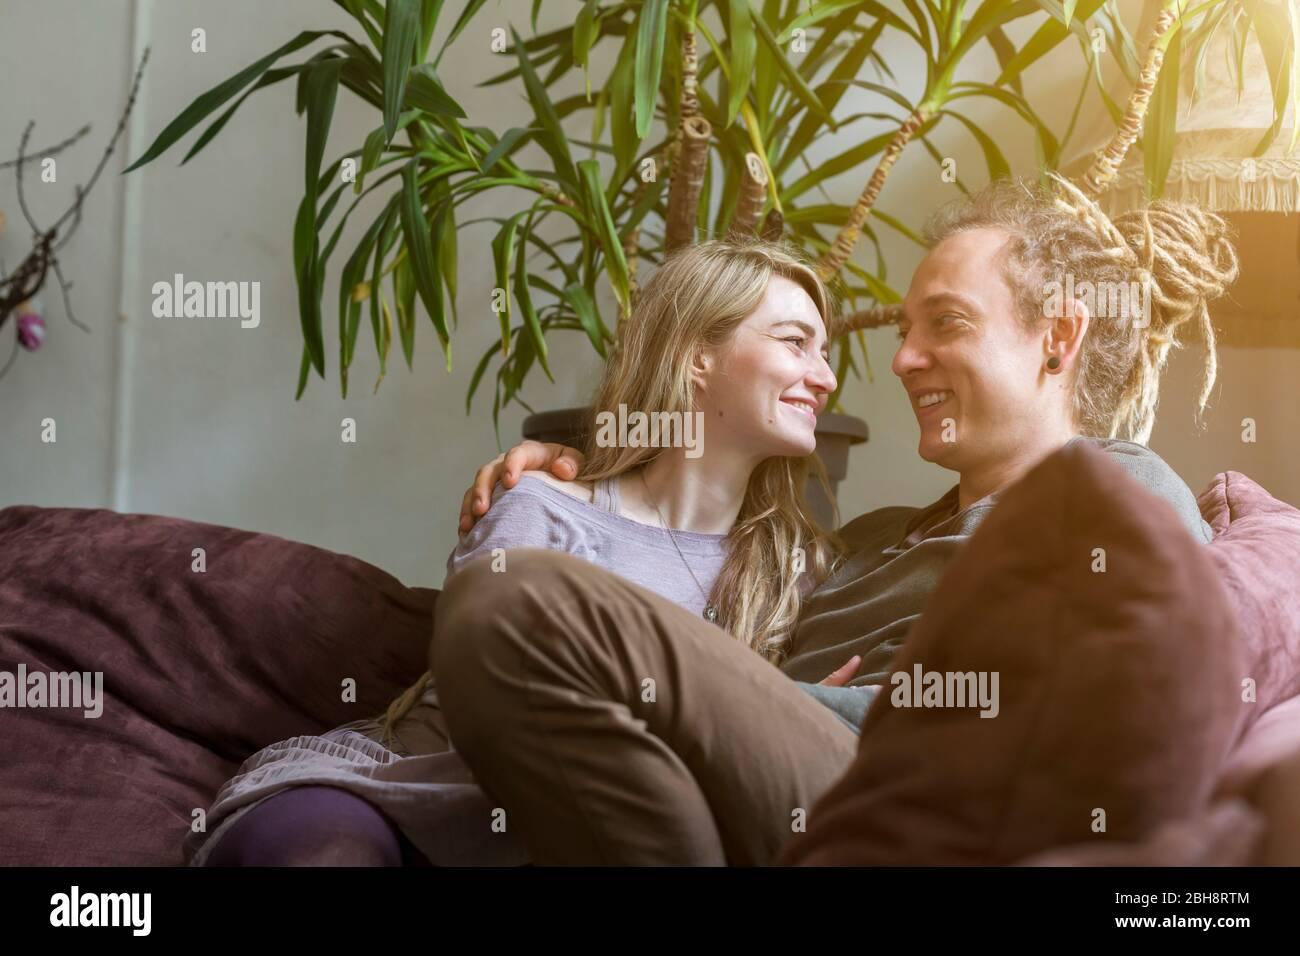 Un jeune couple moderne et affectueux avec des verrous de lit assis bras sur un canapé riant et regardant dans les yeux des autres Banque D'Images